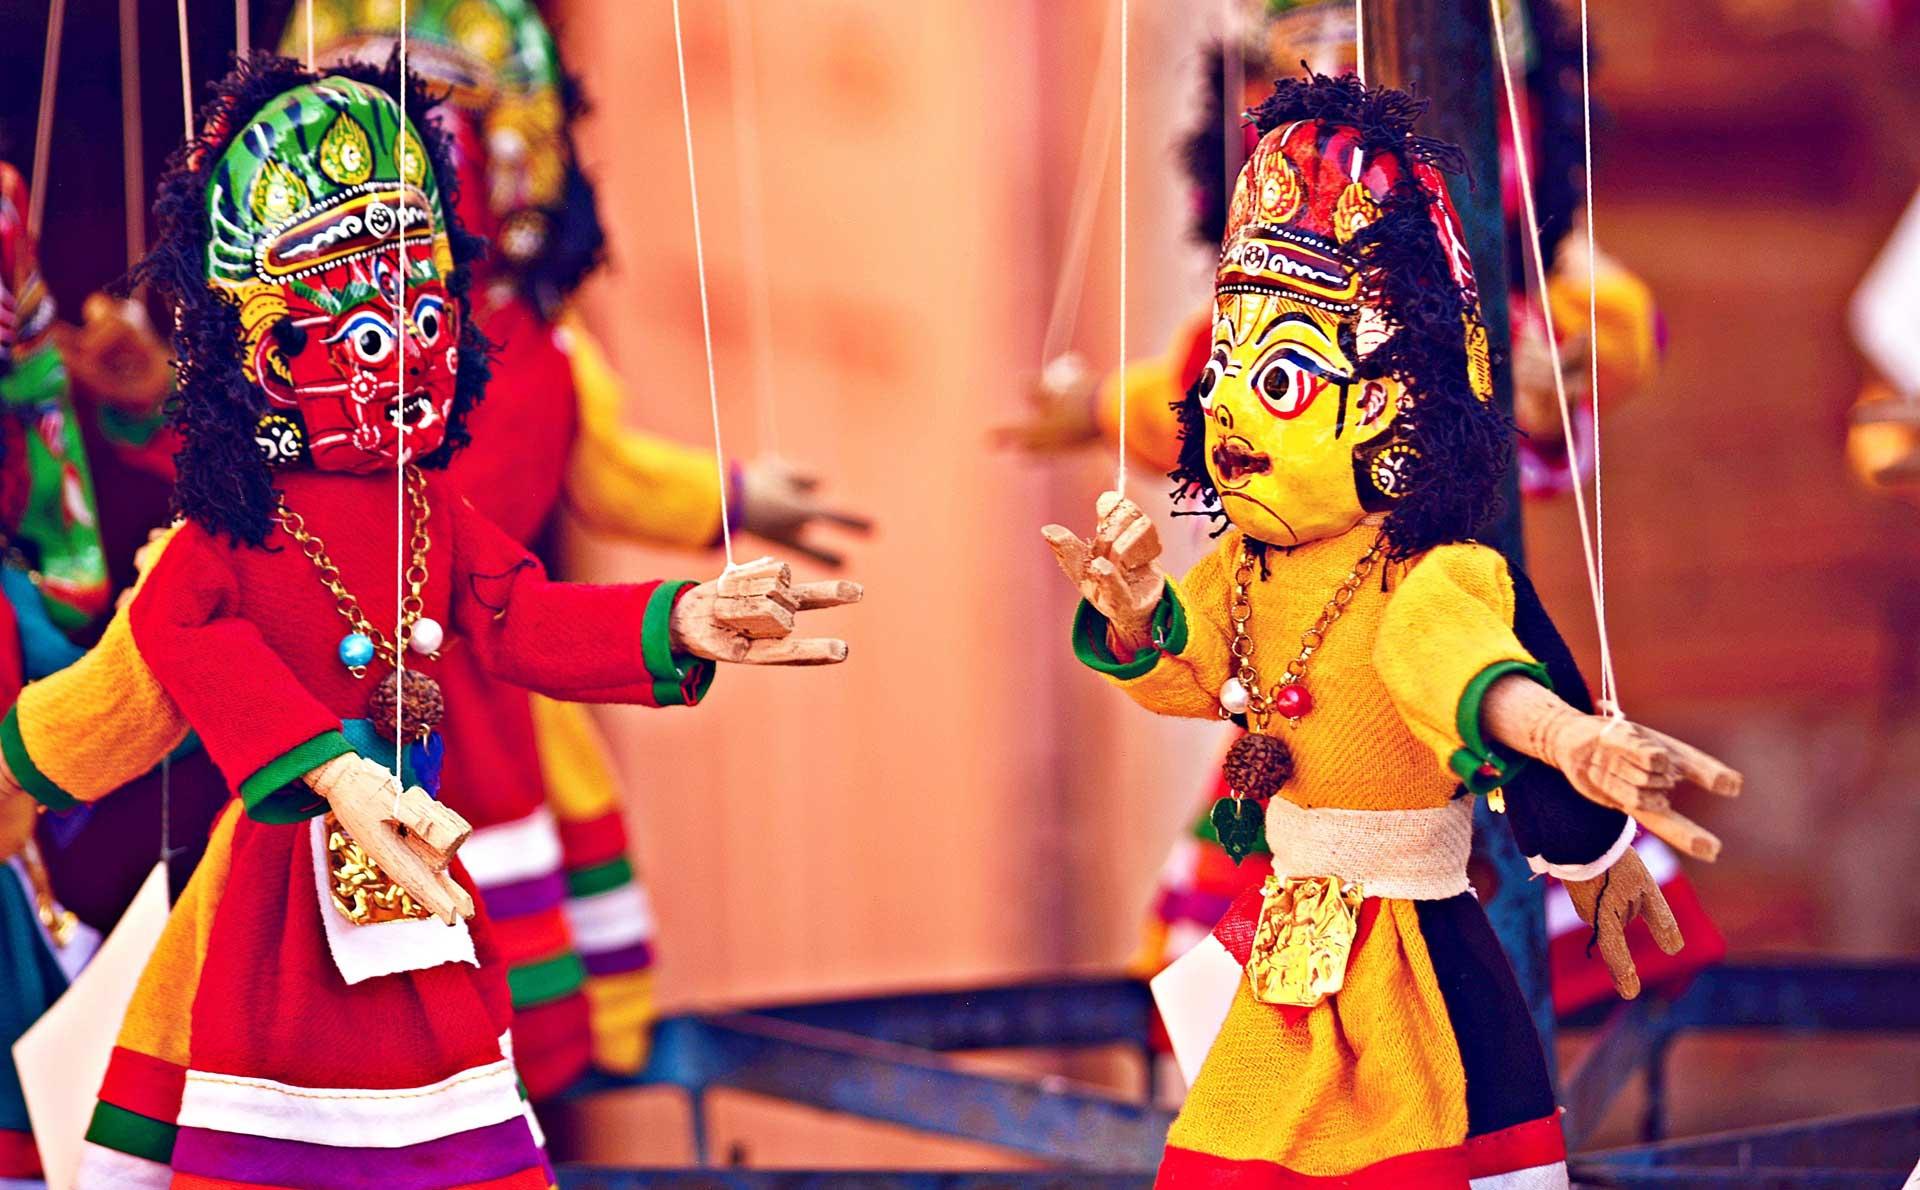 Image de deux marionnettes, une rouge a gauche et une jaune sur la droite